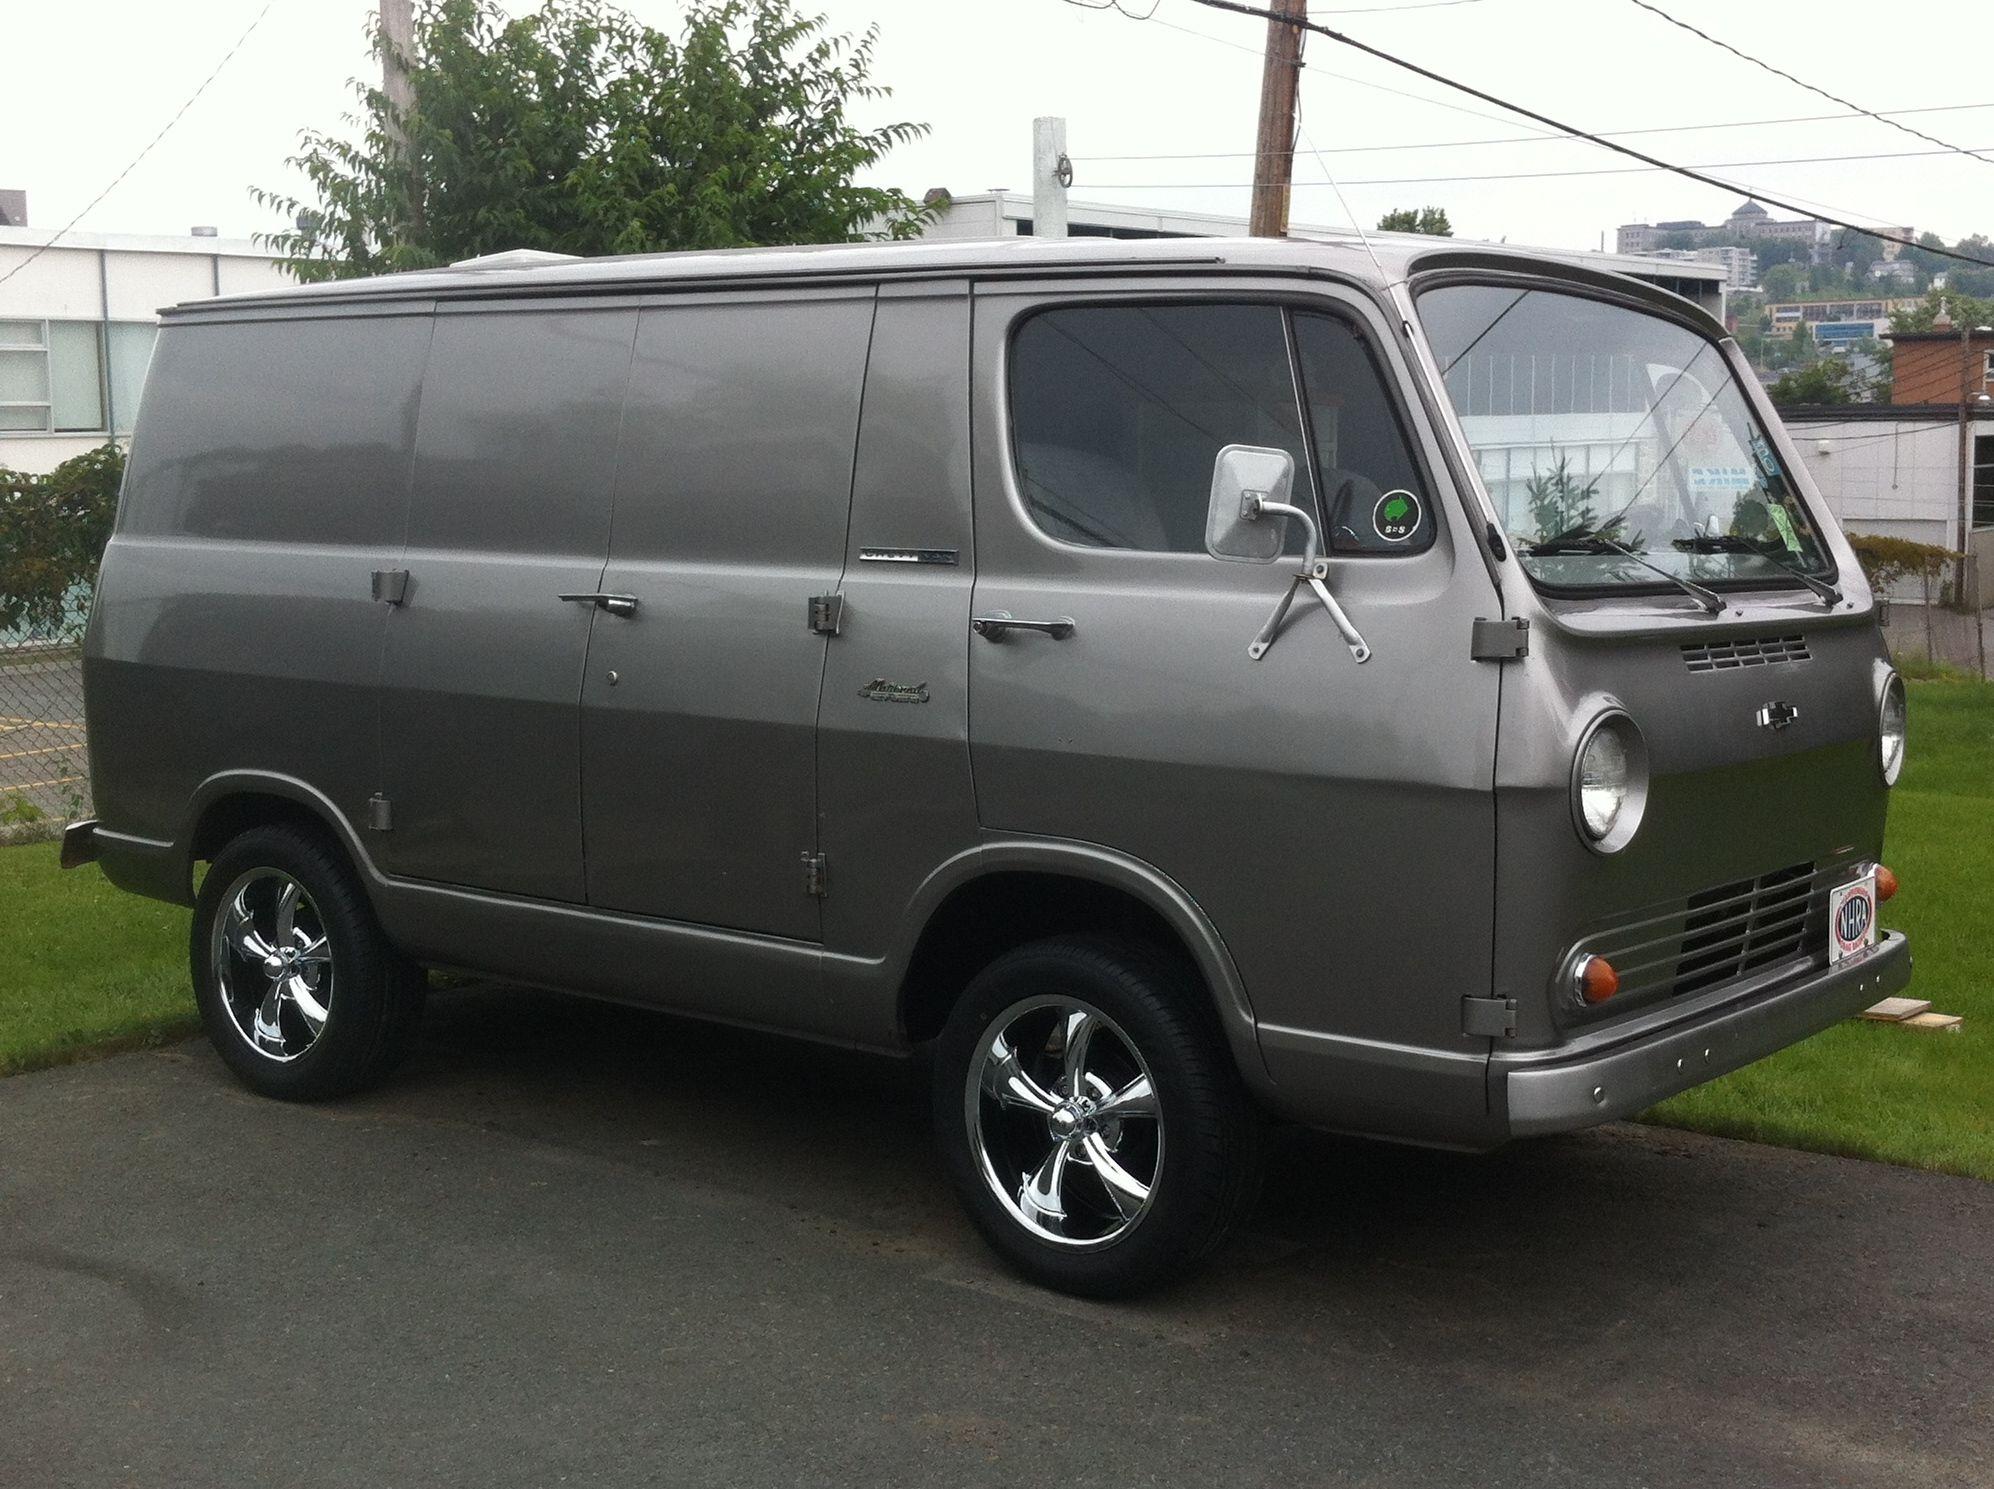 1966 Chevrolet Deluxe Sportvan | Chevrolet, Chevy vans and Cars